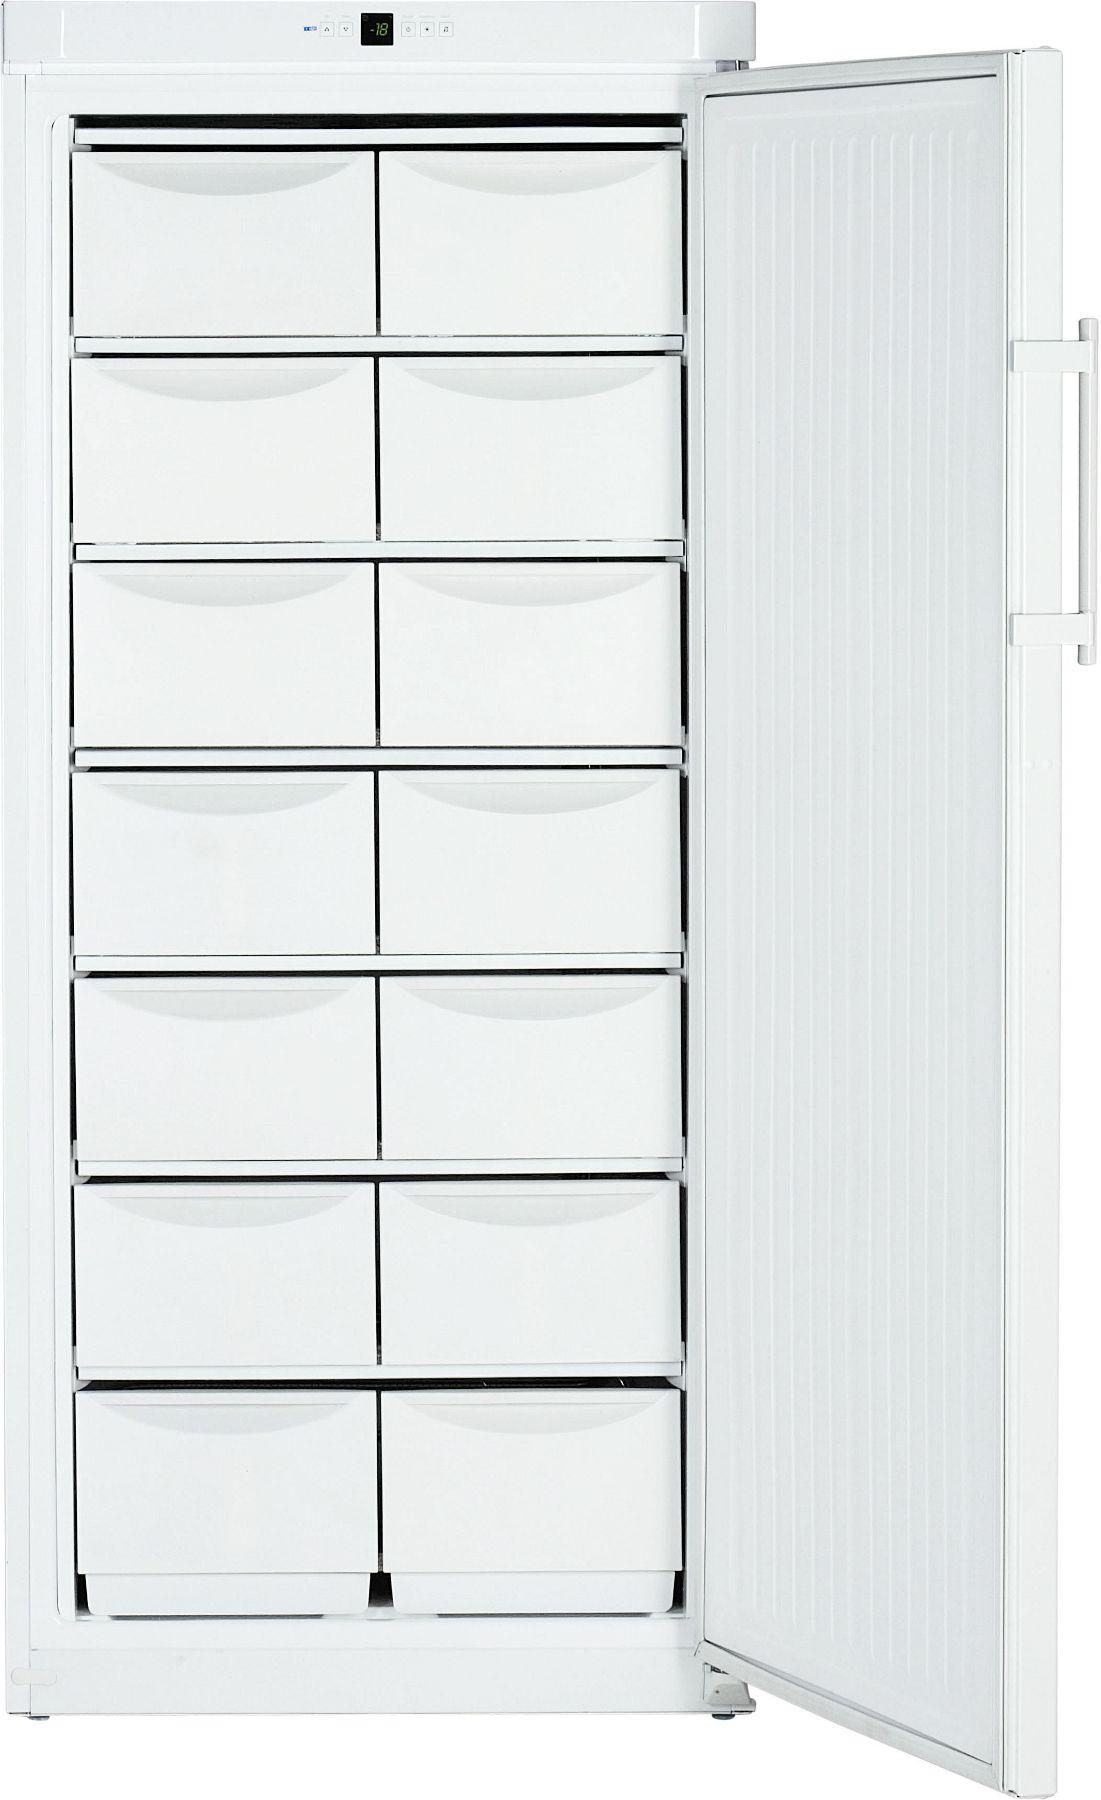 Congelateur armoire froid ventile - Congelateur armoire petit ...